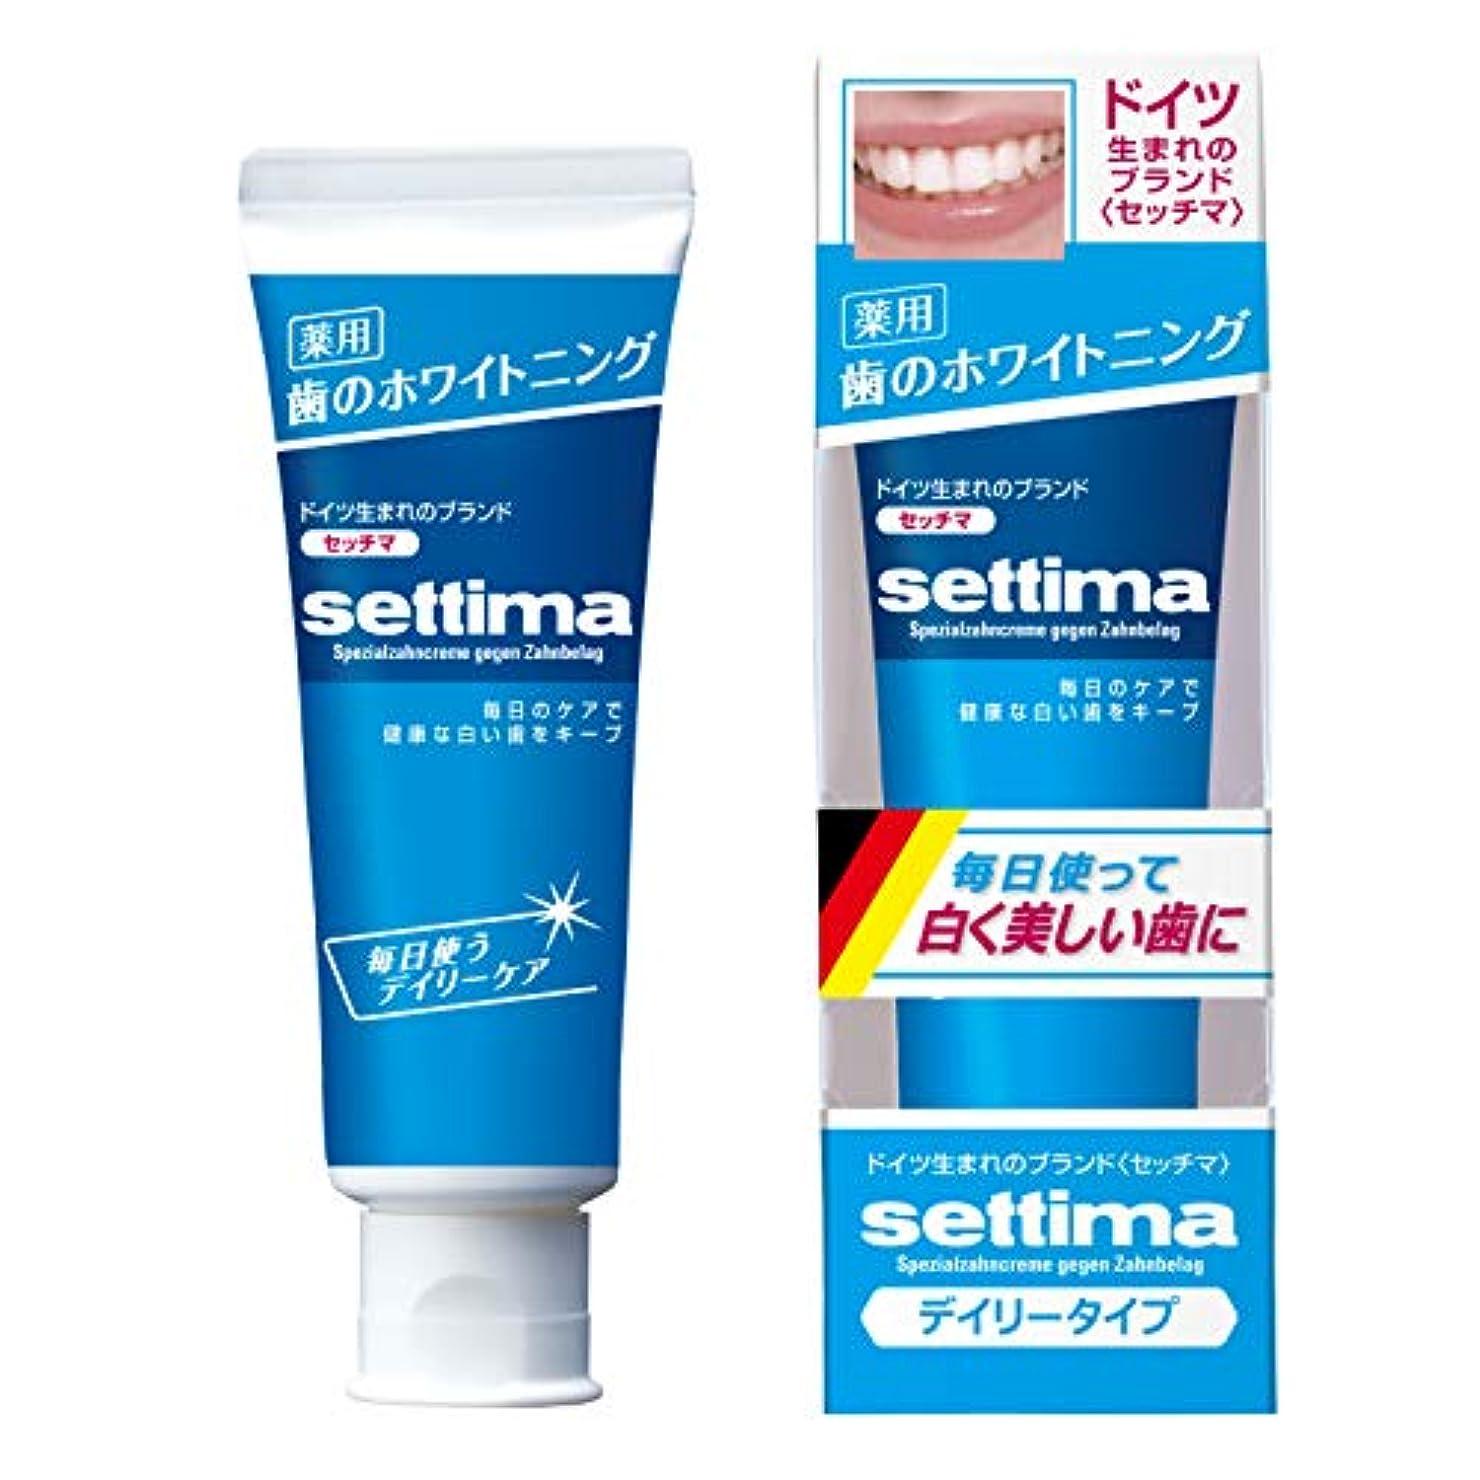 着替える量で何故なのsettima(セッチマ) ホワイトニング 歯みがき デイリーケア [ファインミントタイプ]  80g